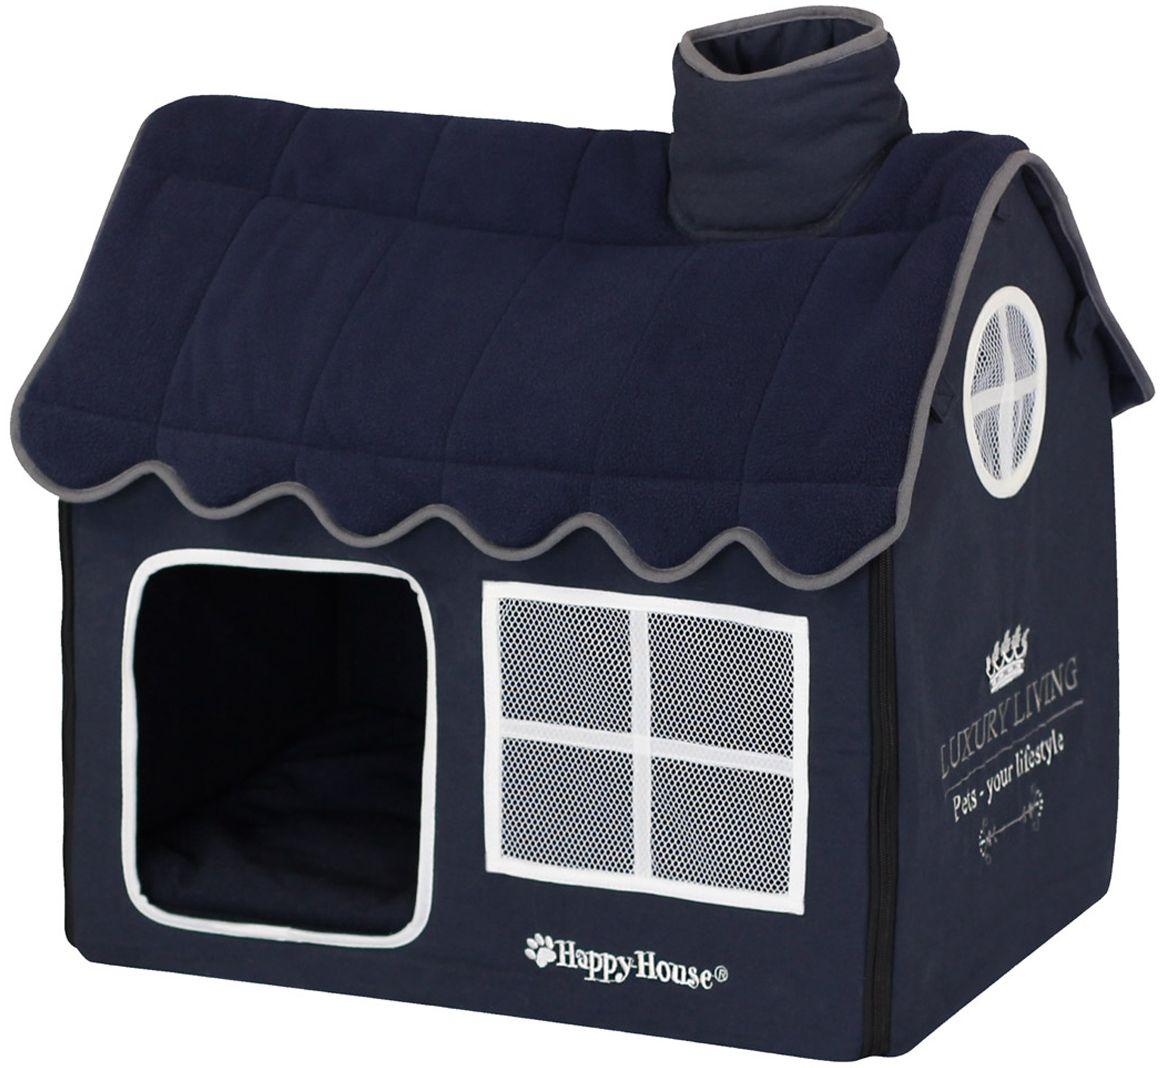 Домик для домашних животных Happy House Luxsury Living, цвет: темно-синий, 52 х 36 х 49 см0120710Большой, уютный домик Happy House Luxsury Living, выполненный из полиэстера и картона, отлично подойдет для вашего любимца. Такой домик станет не только идеальным местом для сна вашего питомца, но и местом для отдыха. Внутрь домика ведет квадратное отверстие. Мягкий домик с оригинальным дизайном имеет сборную конструкцию, что облегчит его транспортировку и хранение. Внутри имеется съемная подушка.Подушку можно стирать при 30°С.Размер домика: 52 х 36 х 49 см.